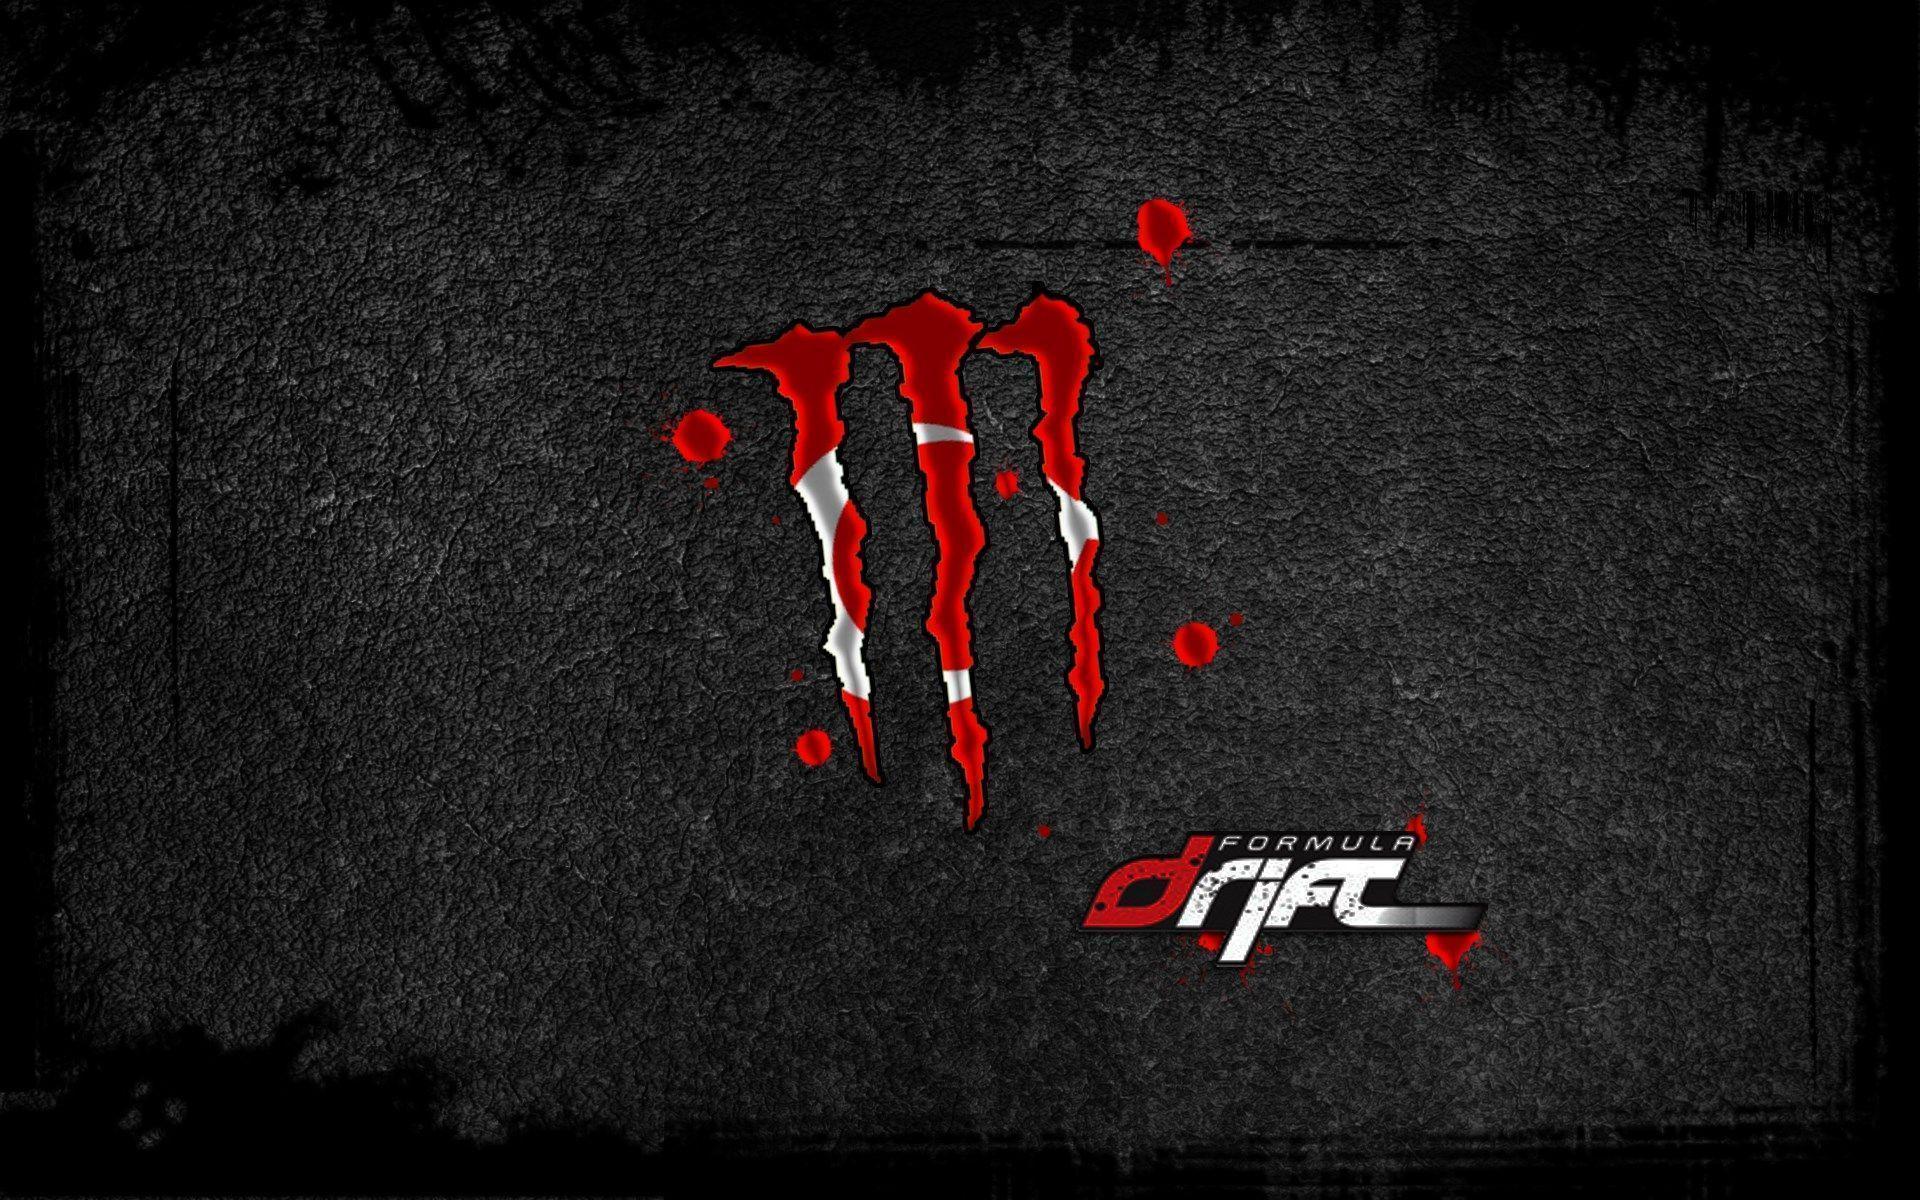 monster energy wallpaper for desktop background | 1920x1080 | 180 ...